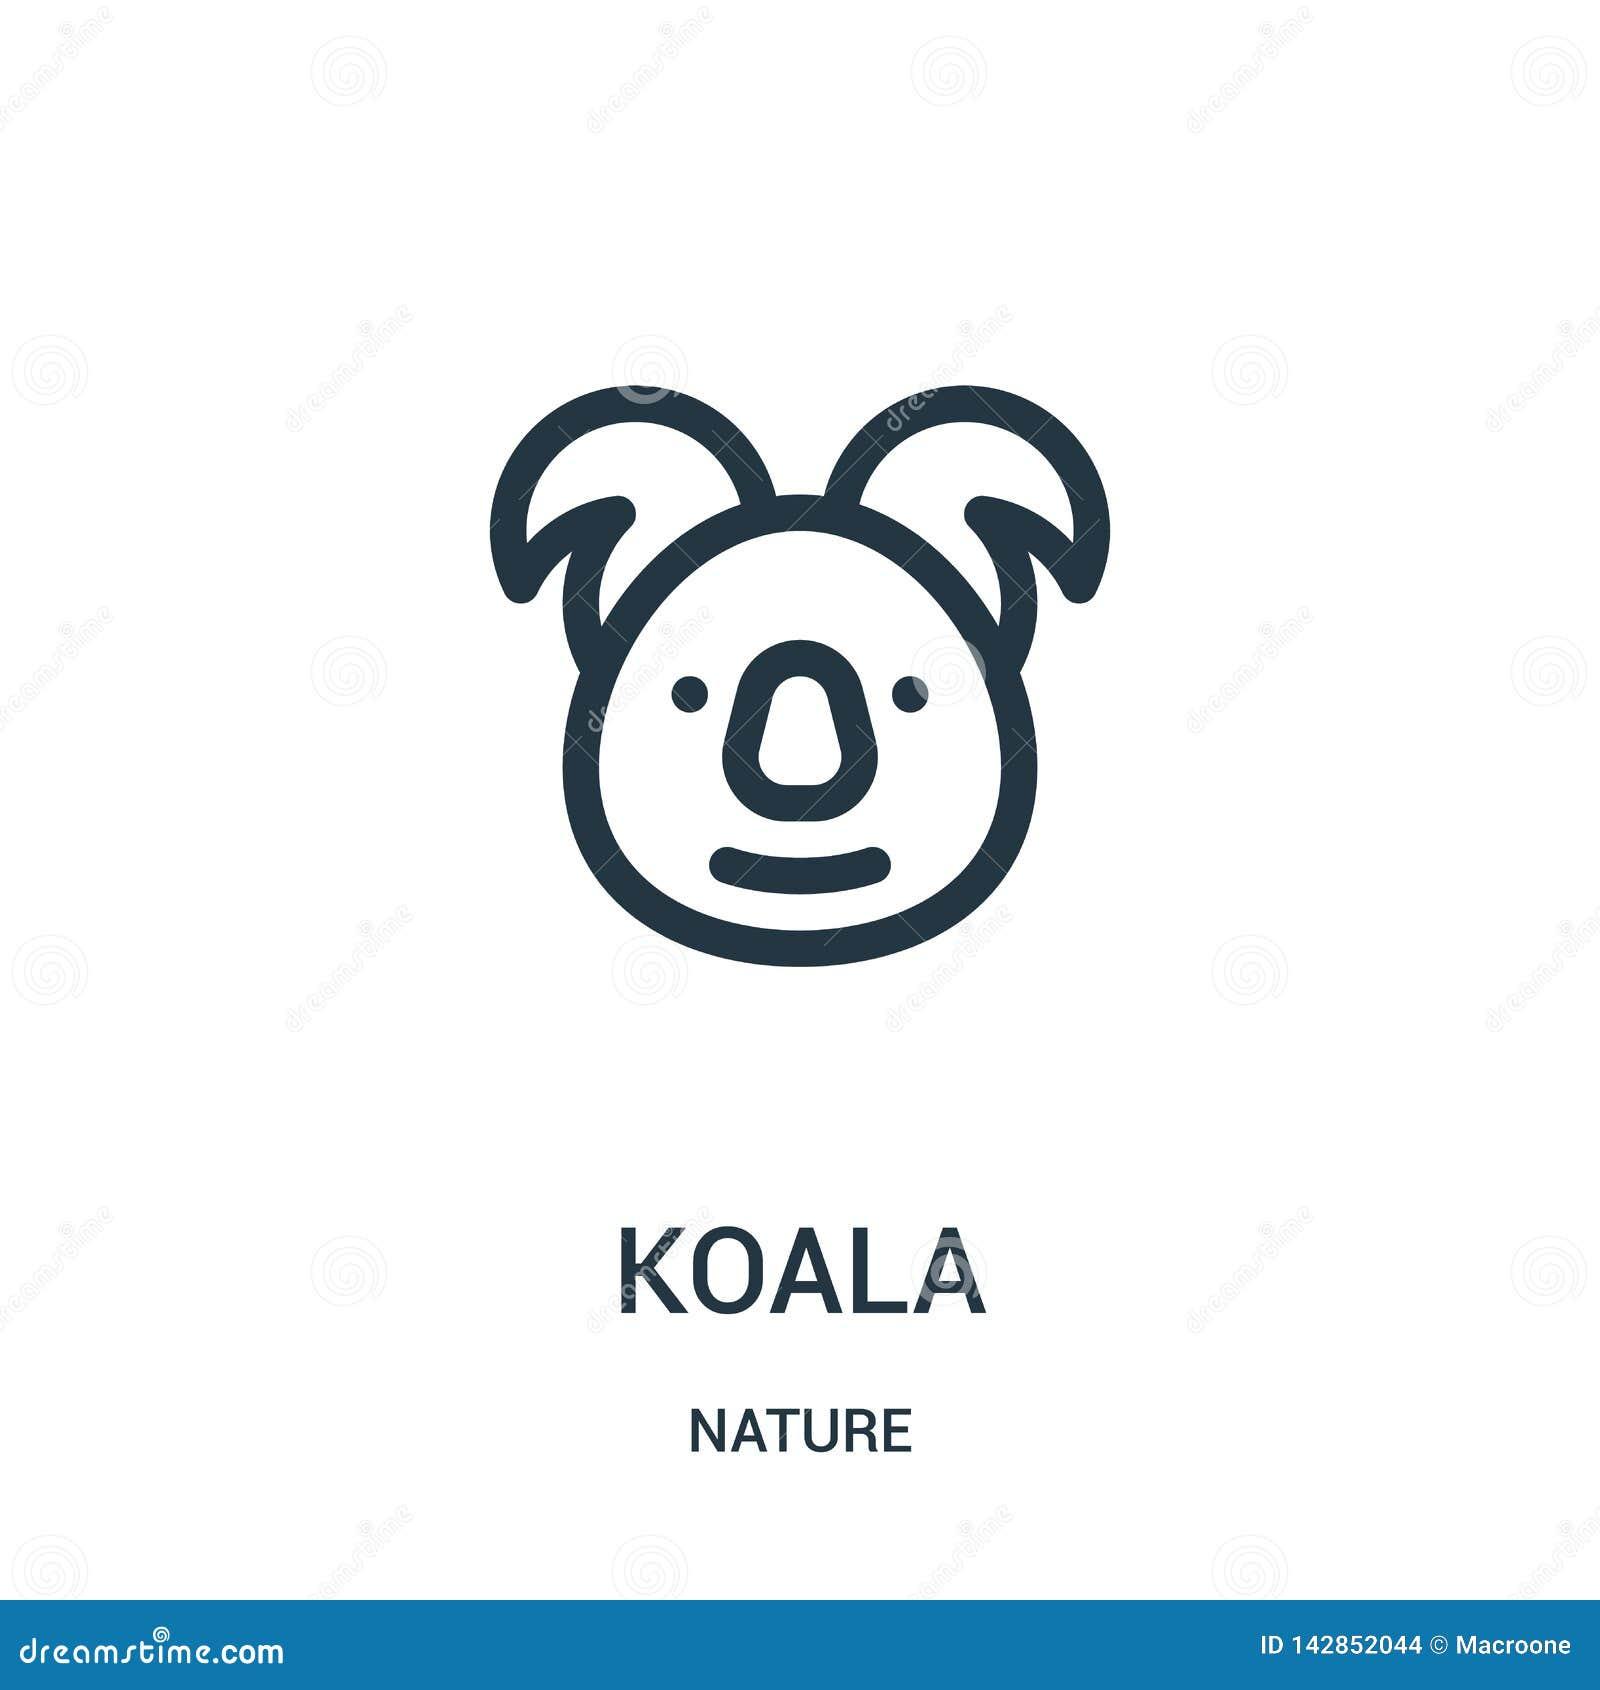 διάνυσμα εικονιδίων koala από τη συλλογή φύσης Λεπτή διανυσματική απεικόνιση εικονιδίων περιλήψεων koala γραμμών Γραμμικό σύμβολο